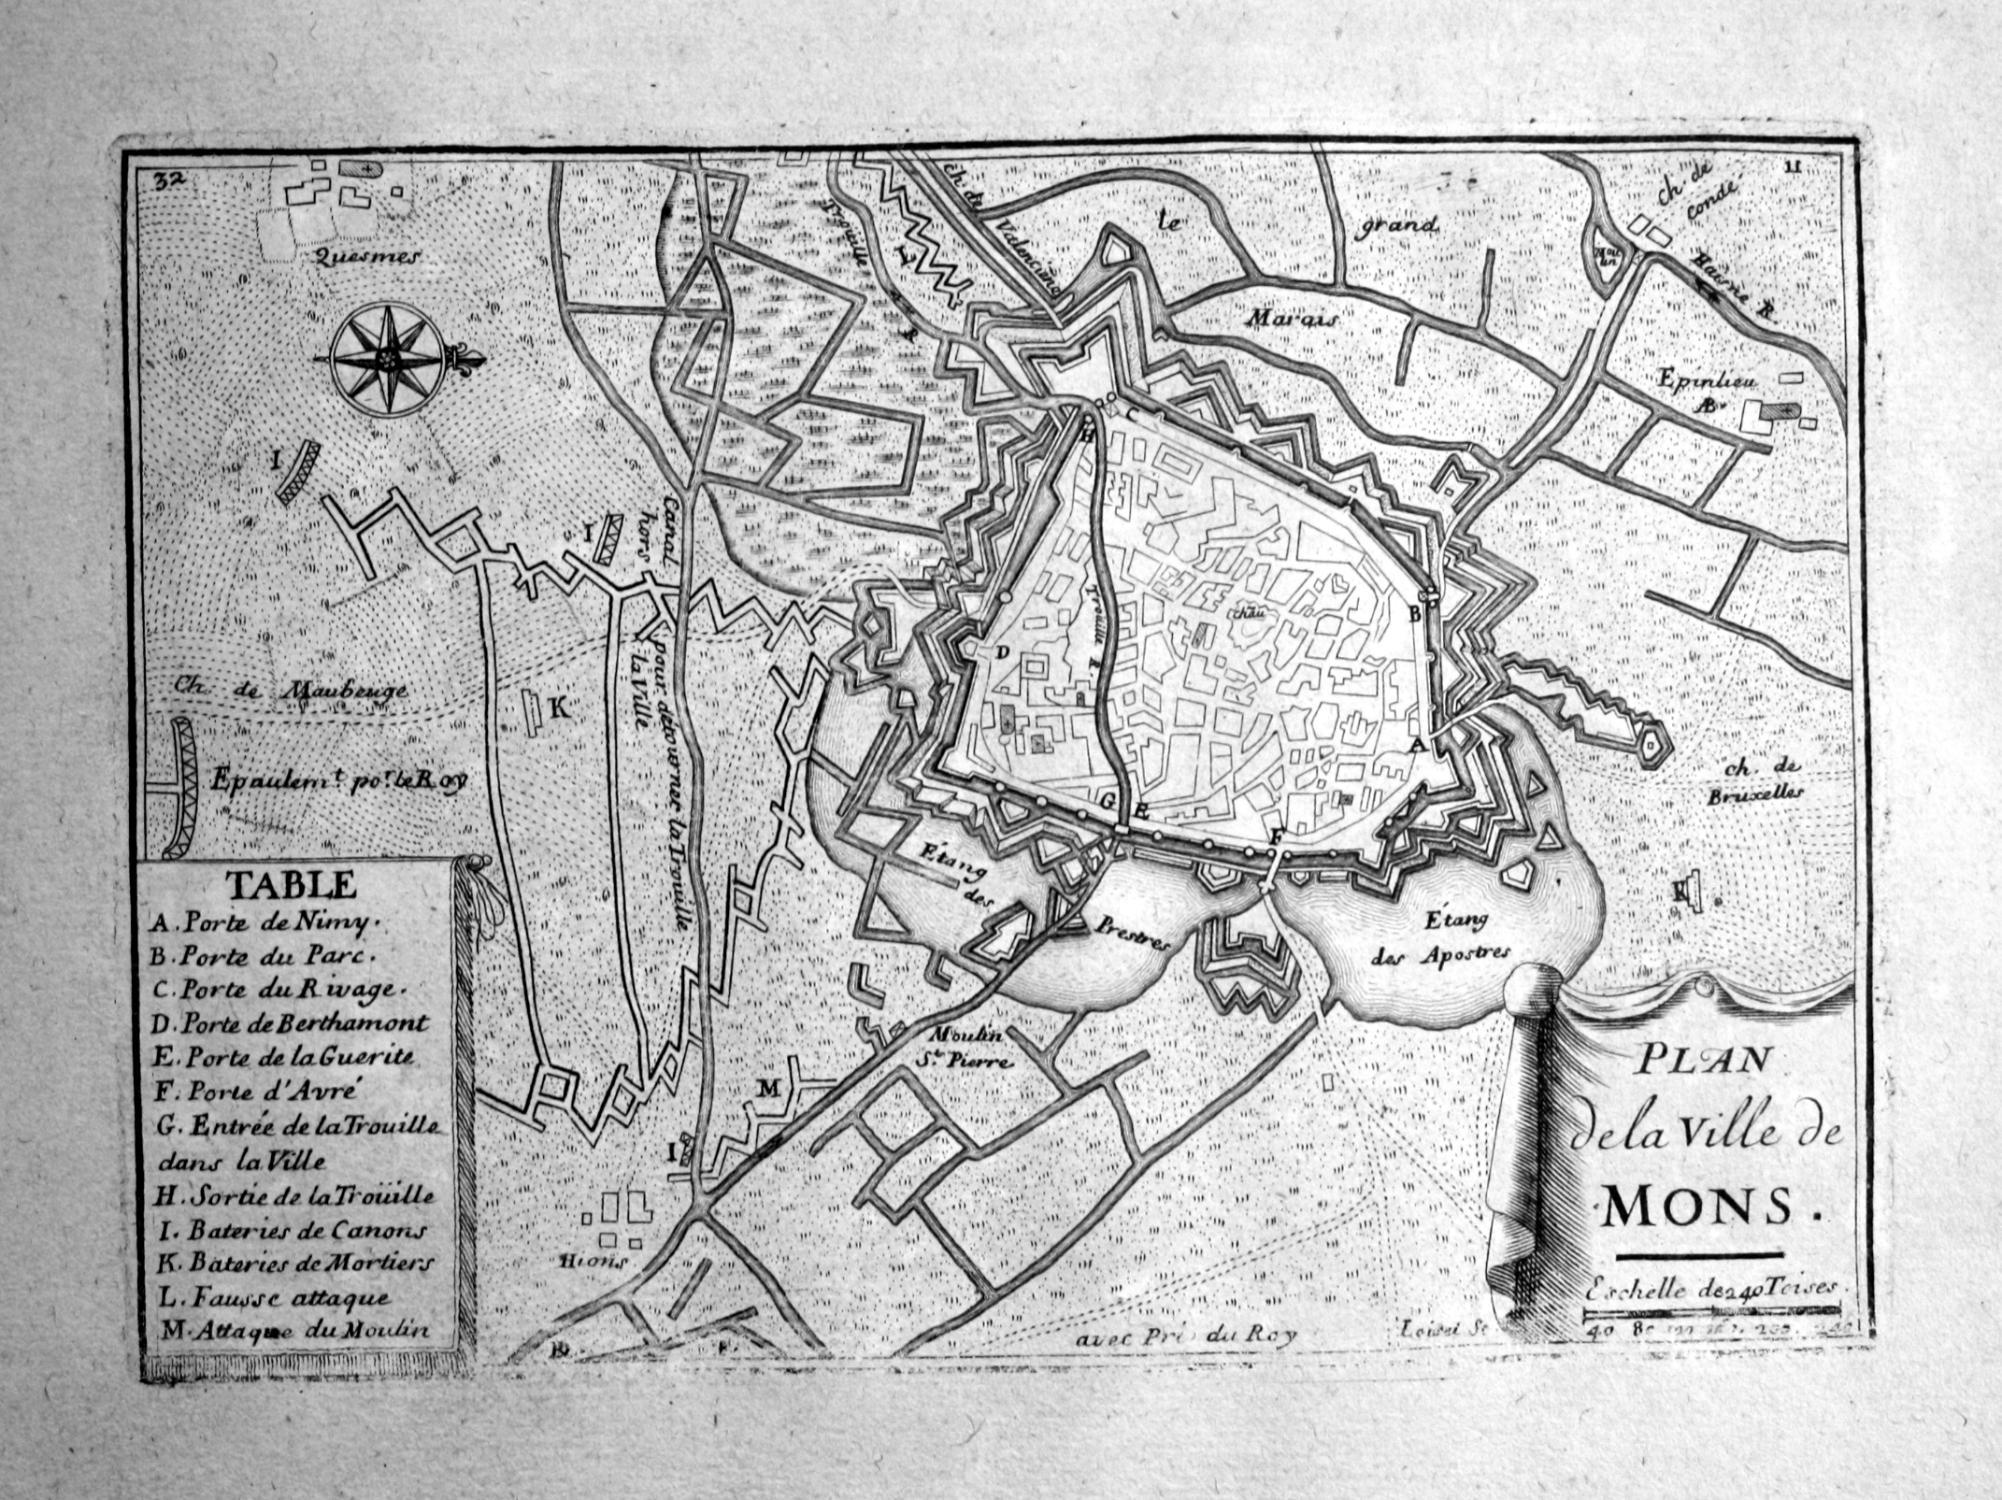 Carte Belgique Mons.Plan De La Ville De Mons Mons Hainaut Belgique Plan Carte Map